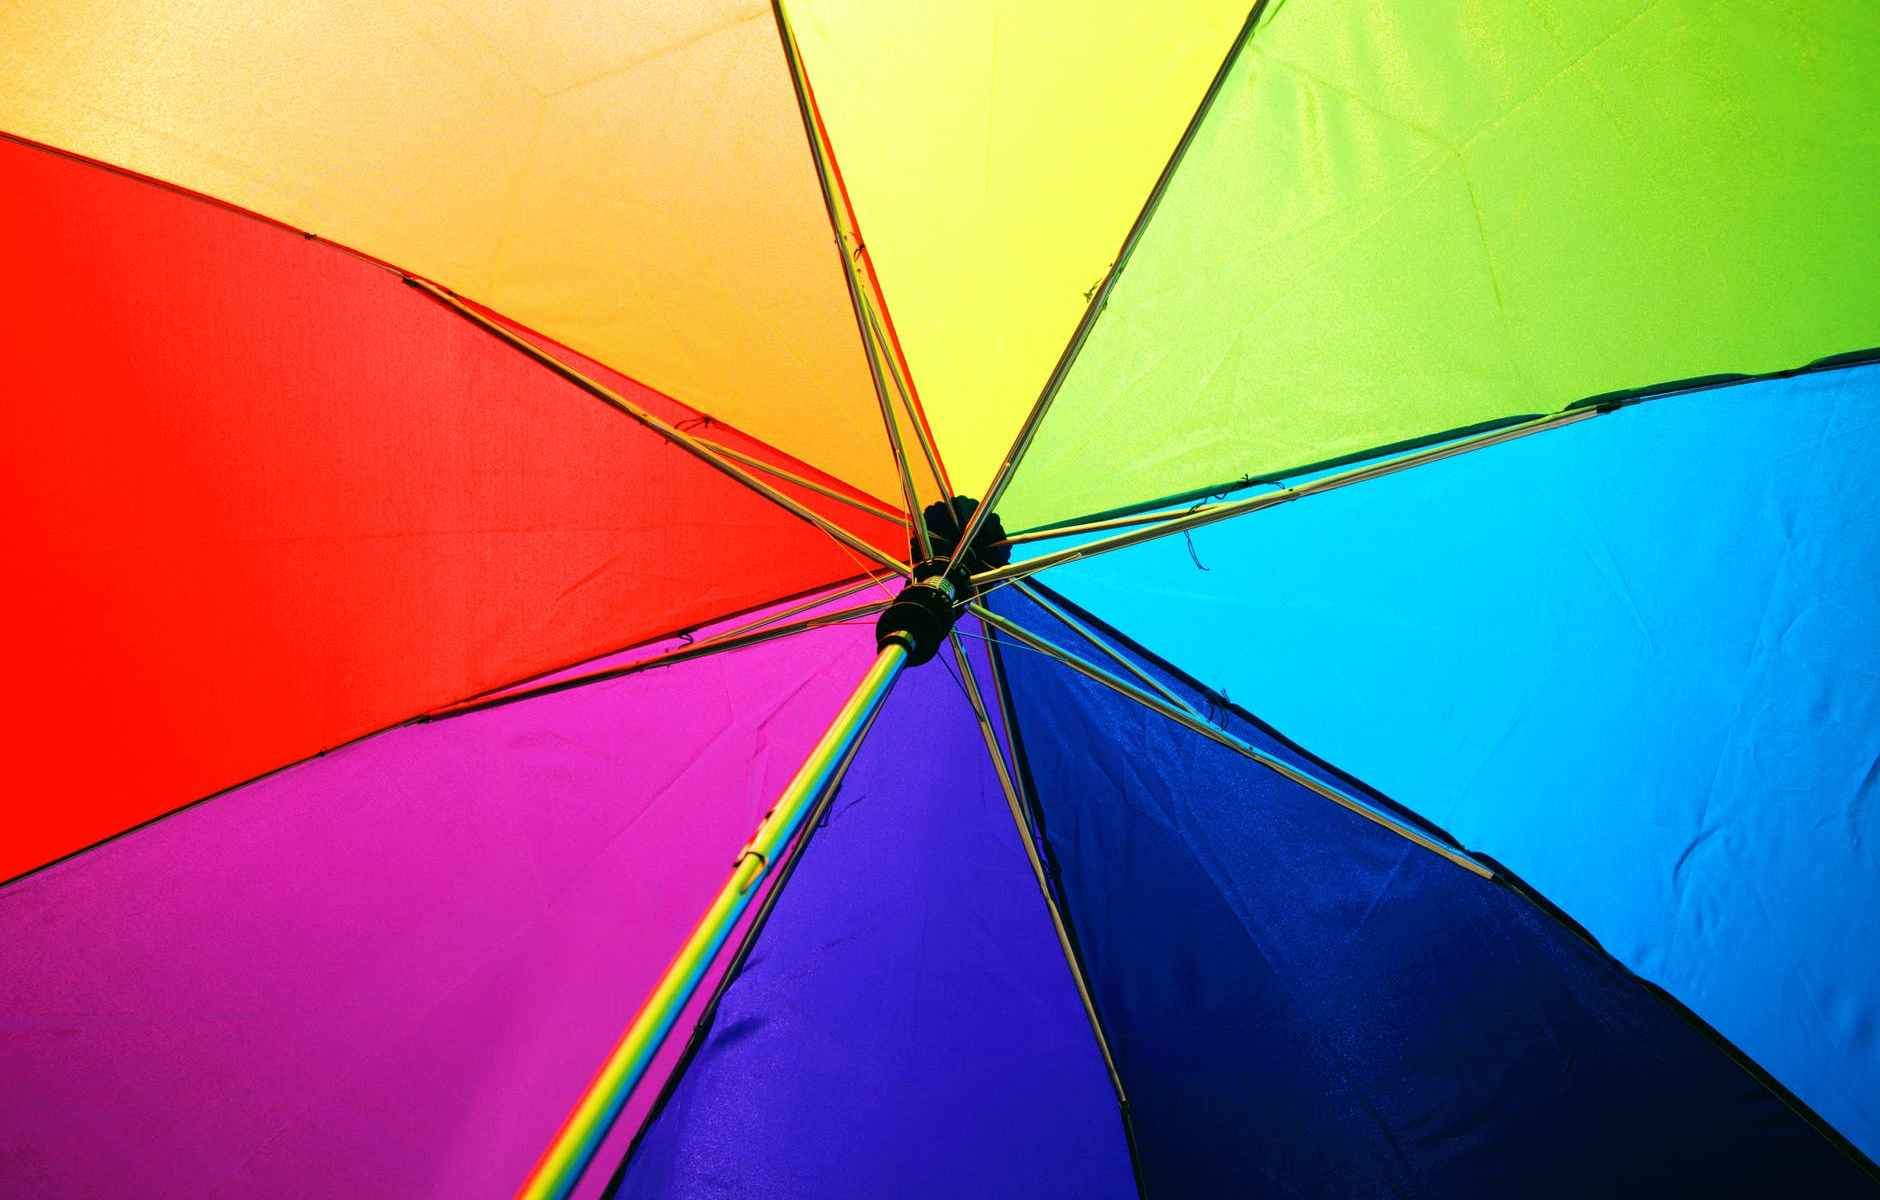 multicolored umbrella